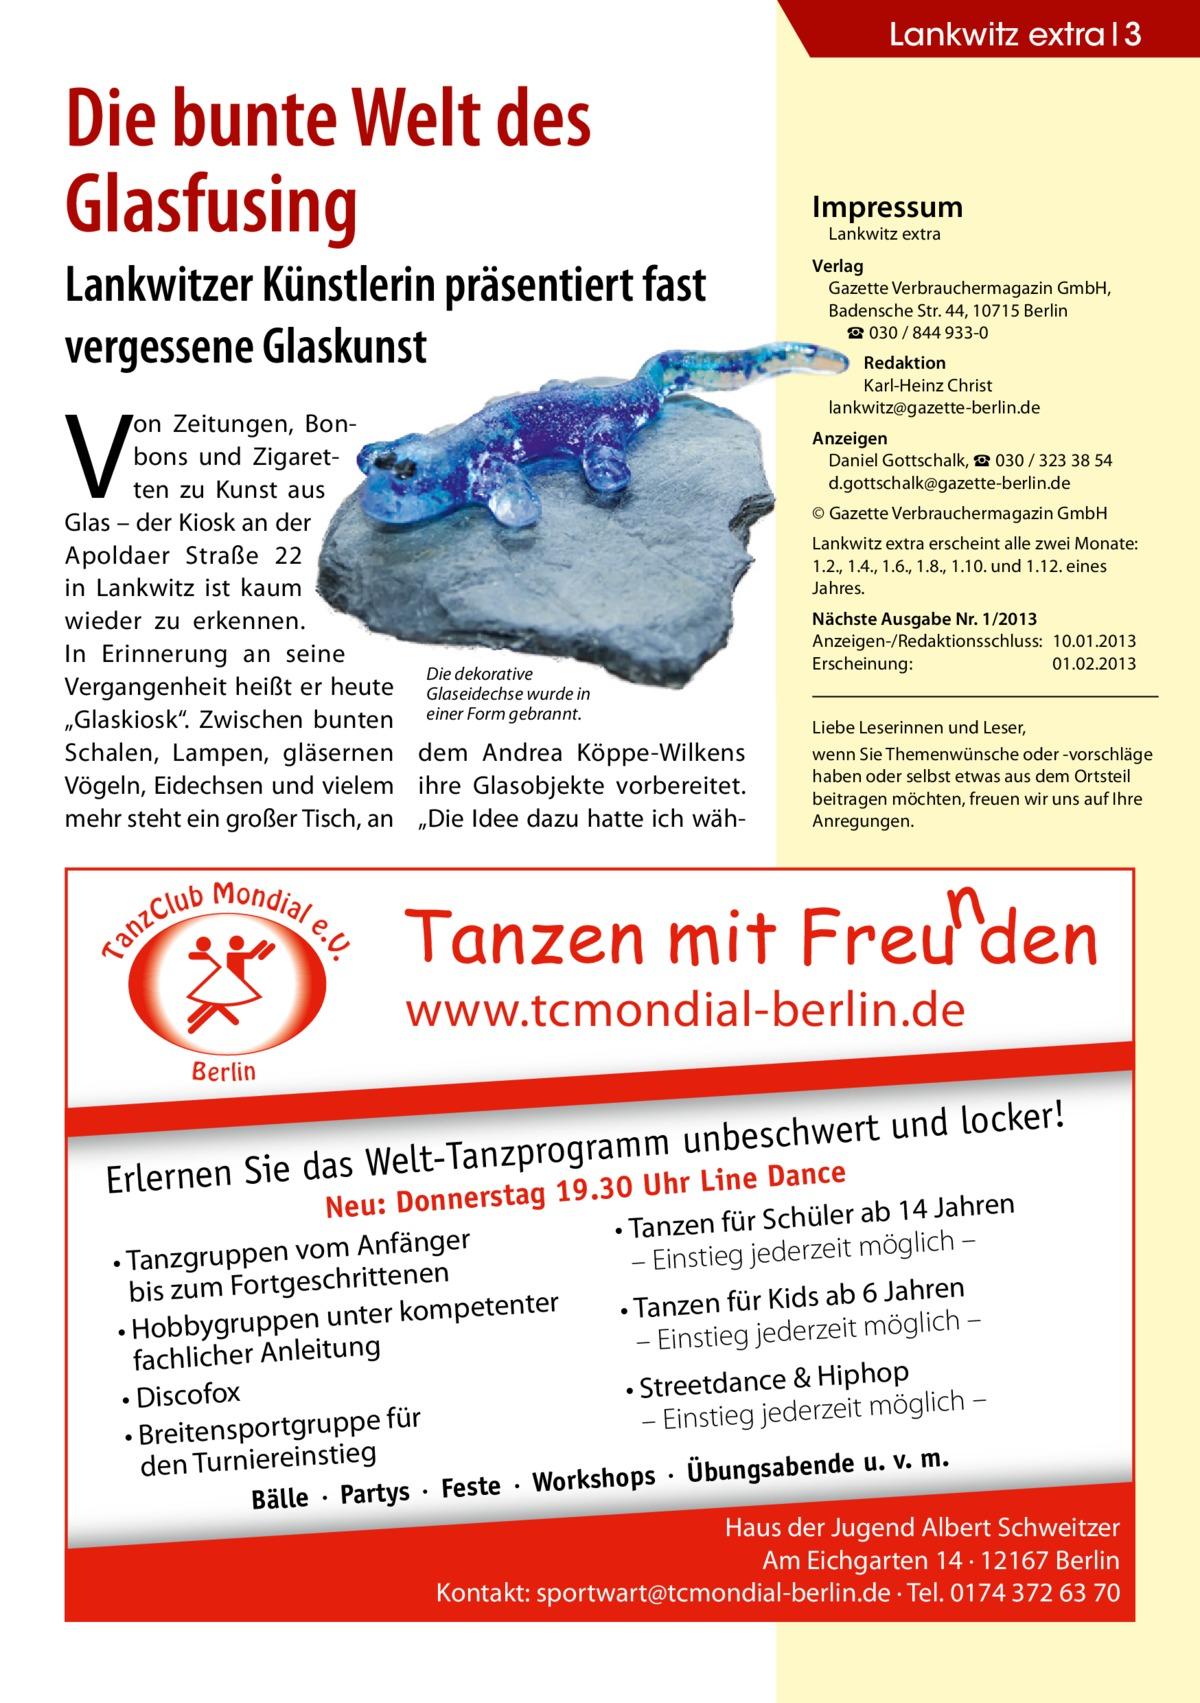 """Lankwitz extra 3  Die bunte Welt des Glasfusing  Lankwitzer Künstlerin präsentiert fast vergessene Glaskunst  V  C nz  lub Mondial  Lankwitz extra  Verlag Gazette Verbrauchermagazin GmbH, BadenscheStr.44, 10715 Berlin ☎ 030 / 844 933-0 Redaktion Karl-Heinz Christ lankwitz@gazette-berlin.de Anzeigen Daniel Gottschalk, ☎ 030 / 323 38 54 d.gottschalk@gazette-berlin.de © Gazette Verbrauchermagazin GmbH Lankwitz extra erscheint alle zwei Monate: 1.2., 1.4., 1.6., 1.8., 1.10. und 1.12. eines Jahres. Nächste Ausgabe Nr. 1/2013 Anzeigen-/Redaktionsschluss: 10.01.2013 Erscheinung: 01.02.2013 Liebe Leserinnen und Leser, wenn Sie Themenwünsche oder -vorschläge haben oder selbst etwas aus dem Ortsteil beitragen möchten, freuen wir uns auf Ihre Anregungen.  e  . .V  Ta  on Zeitungen, Bonbons und Zigaretten zu Kunst aus Glas – der Kiosk an der Apoldaer Straße 22 in Lankwitz ist kaum wieder zu erkennen. In Erinnerung an seine Diedekorative Vergangenheit heißt er heute Glaseidechse wurde in """"Glaskiosk"""". Zwischen bunten einer Form gebrannt. Schalen, Lampen, gläsernen dem Andrea Köppe-Wilkens Vögeln, Eidechsen und vielem ihre Glasobjekte vorbereitet. mehr steht ein großer Tisch, an """"Die Idee dazu hatte ich wäh Impressum  www.tcmondial-berlin.de B e rlin  ! schwert und locker be un m m ra og pr elt-Tanz Line Dance Erlernen Sie das W erstag 19.30 Uhr Neu: Donn  r ab 14 Jahren • Tanzen für Schüle er ng fä An möglich – it m – Einstieg jederze • Tanzgruppen vo n ne te rit ch es bis zum Fortg 6 Jahren • Tanzen für Kids ab ter kompetenter un en pp ru yg möglich – bb it ze • Ho – Einstieg jeder fachlicher Anleitung op • Streetdance & Hiph • Discofox öglich – m it ze e für – Einstieg jeder • Breitensportgrupp ende u. v. m. den Turniereinstieg rkshops · Übungsab ste · Wo  Bälle · Partys · Fe  Haus der Jugend Albert Schweitzer Am Eichgarten 14 · 12167 Berlin Kontakt: sportwart@tcmondial-berlin.de · Tel. 0174 372 63 70"""